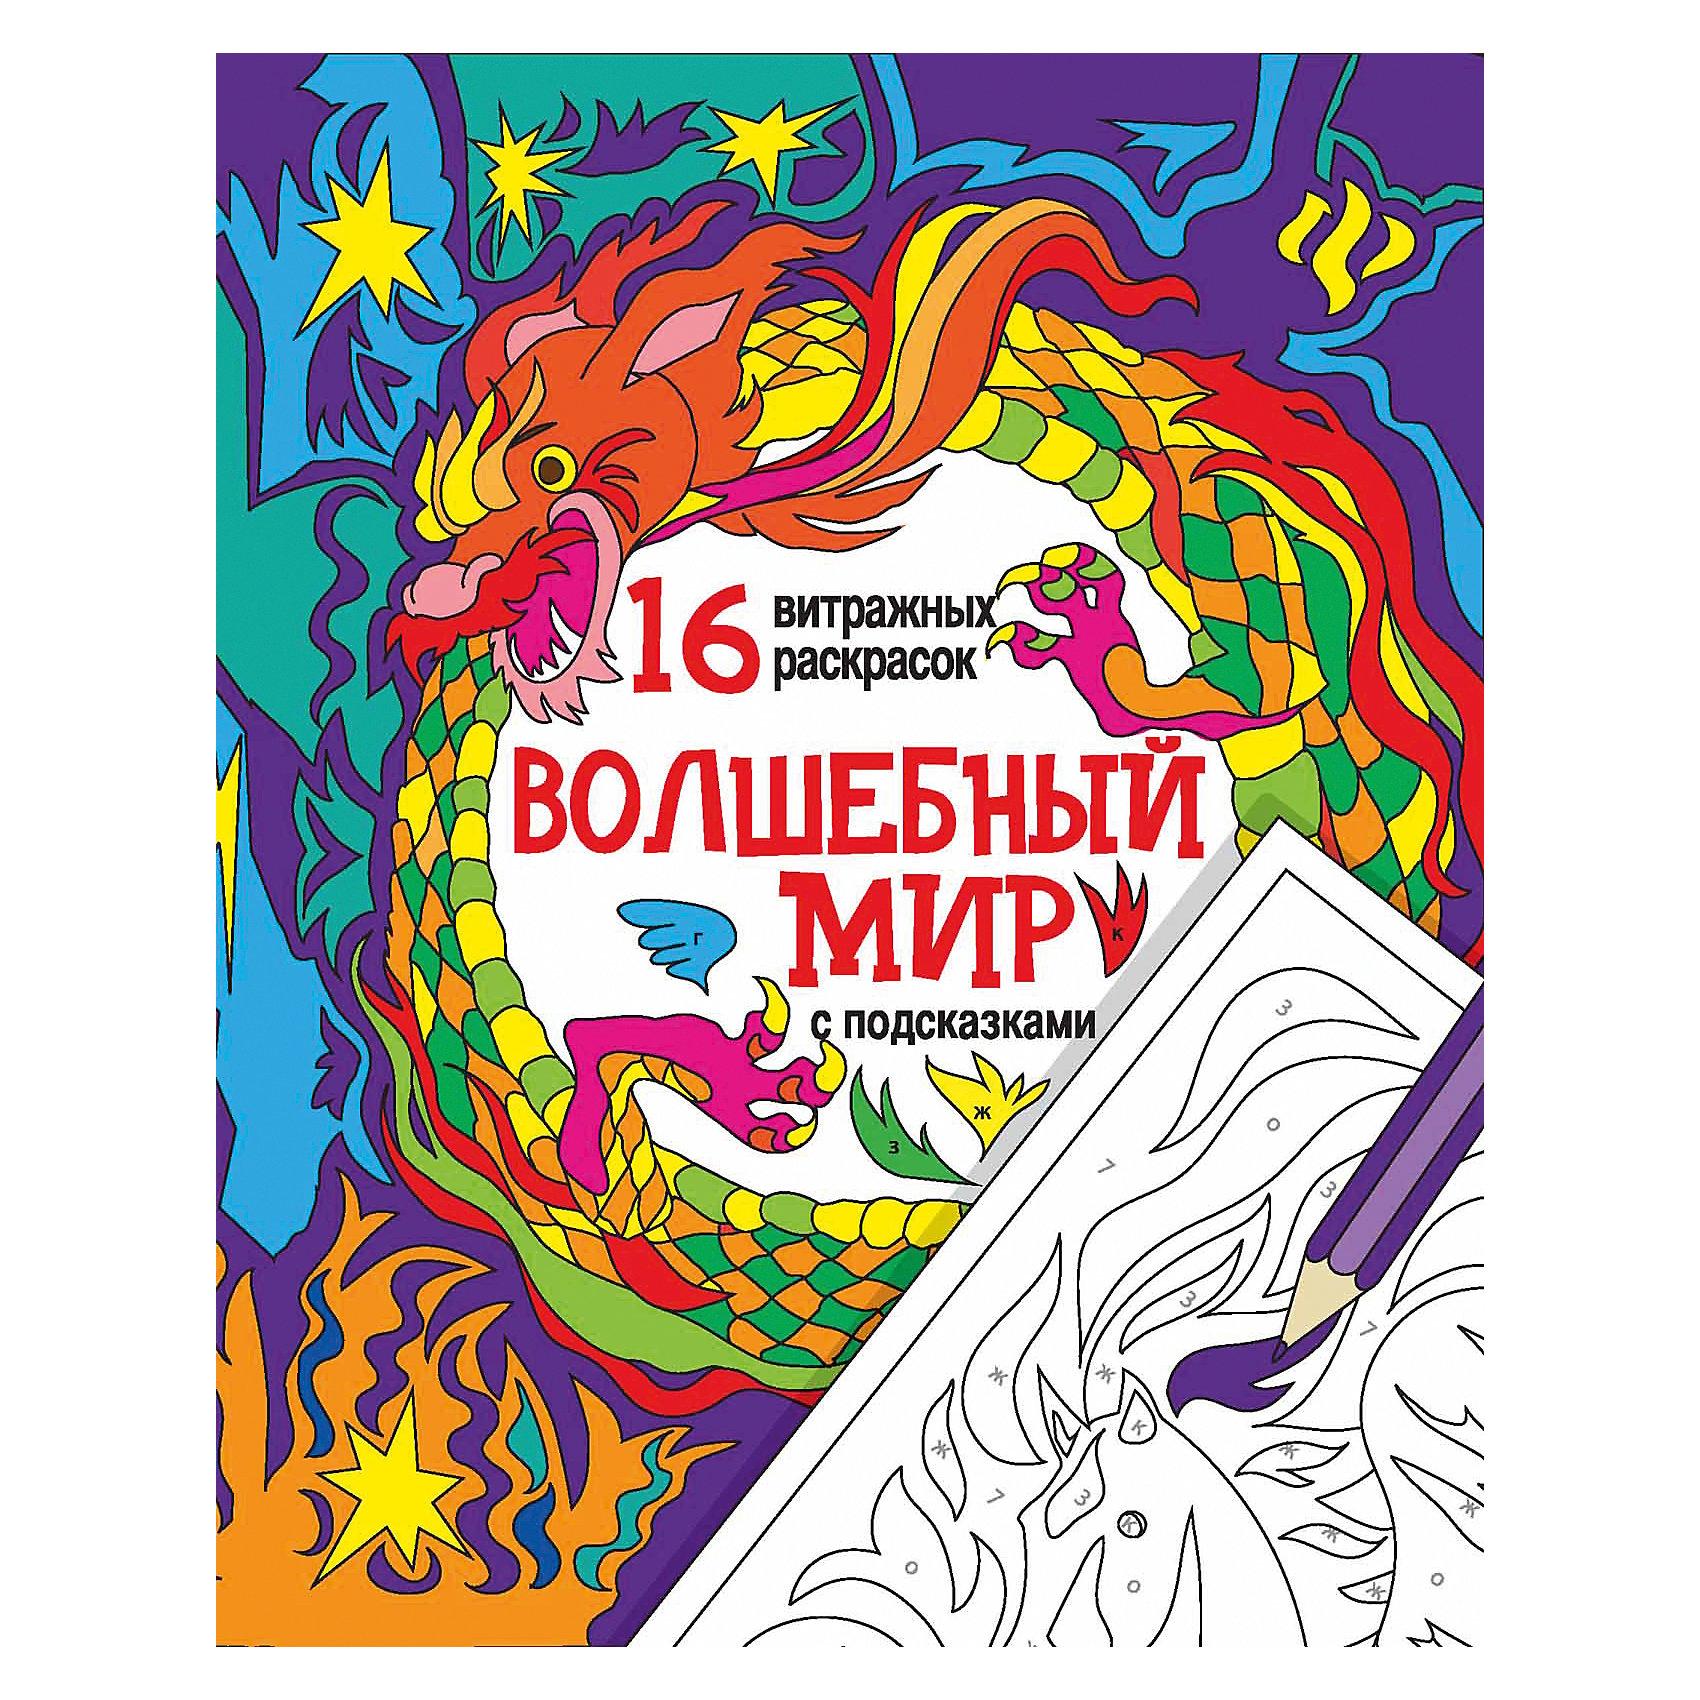 Книга Волшебный мирКнига Волшебный мир<br><br>Характеристики: <br><br>• Кол-во страниц: 16<br>• ISBN: 9785222273173<br>• Возраст: 0+<br>• Обложка: мягкая<br>• Формат: а4<br><br>Эта раскраска представлена в виде витражей с дополнительными подсказками, для облегчения работы и возможности расслабиться в процессе раскрашивания. Сочетания цветов и оттенков уже предусмотрены создателями и остается только воплотить задуманное в жизнь, пользуясь подсказками в виде буквенных и цифровых кодов. Раскраска особенно поможет тем, кто хочет просто расслабиться, не задумываясь о том, как подобрать следующий цвет и создать красивое их сочетание. Просто делай и получится хорошо.<br><br>Книга Волшебный мир можно купить в нашем интернет-магазине.<br><br>Ширина мм: 260<br>Глубина мм: 199<br>Высота мм: 20<br>Вес г: 62<br>Возраст от месяцев: 72<br>Возраст до месяцев: 2147483647<br>Пол: Унисекс<br>Возраст: Детский<br>SKU: 5464493